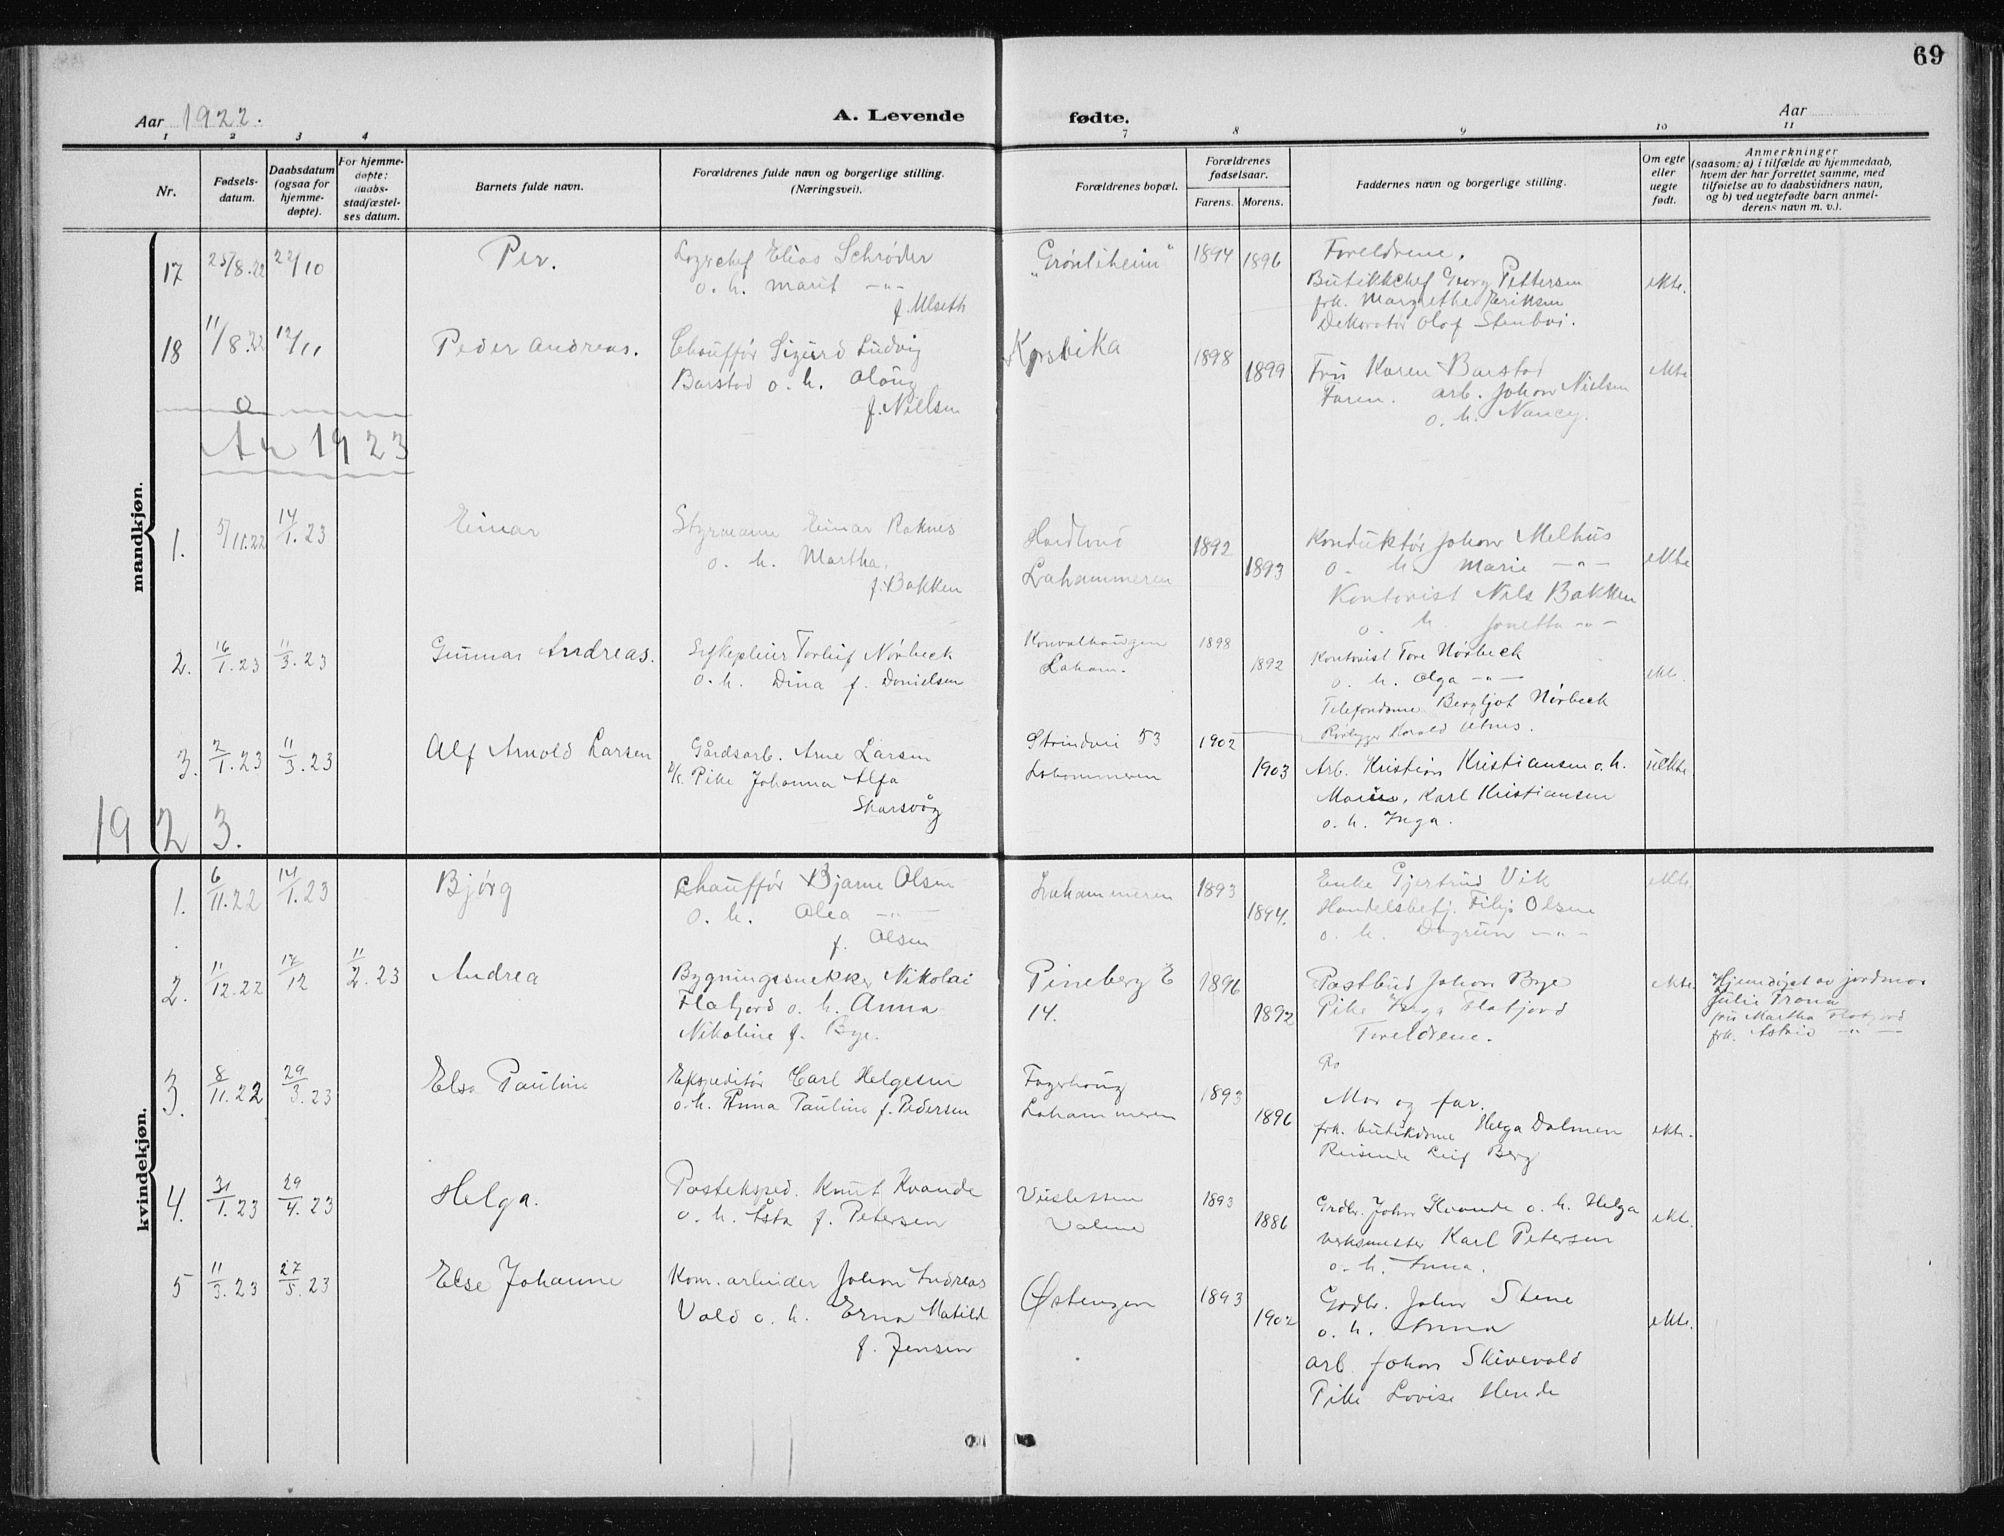 SAT, Ministerialprotokoller, klokkerbøker og fødselsregistre - Sør-Trøndelag, 606/L0314: Klokkerbok nr. 606C10, 1911-1937, s. 69